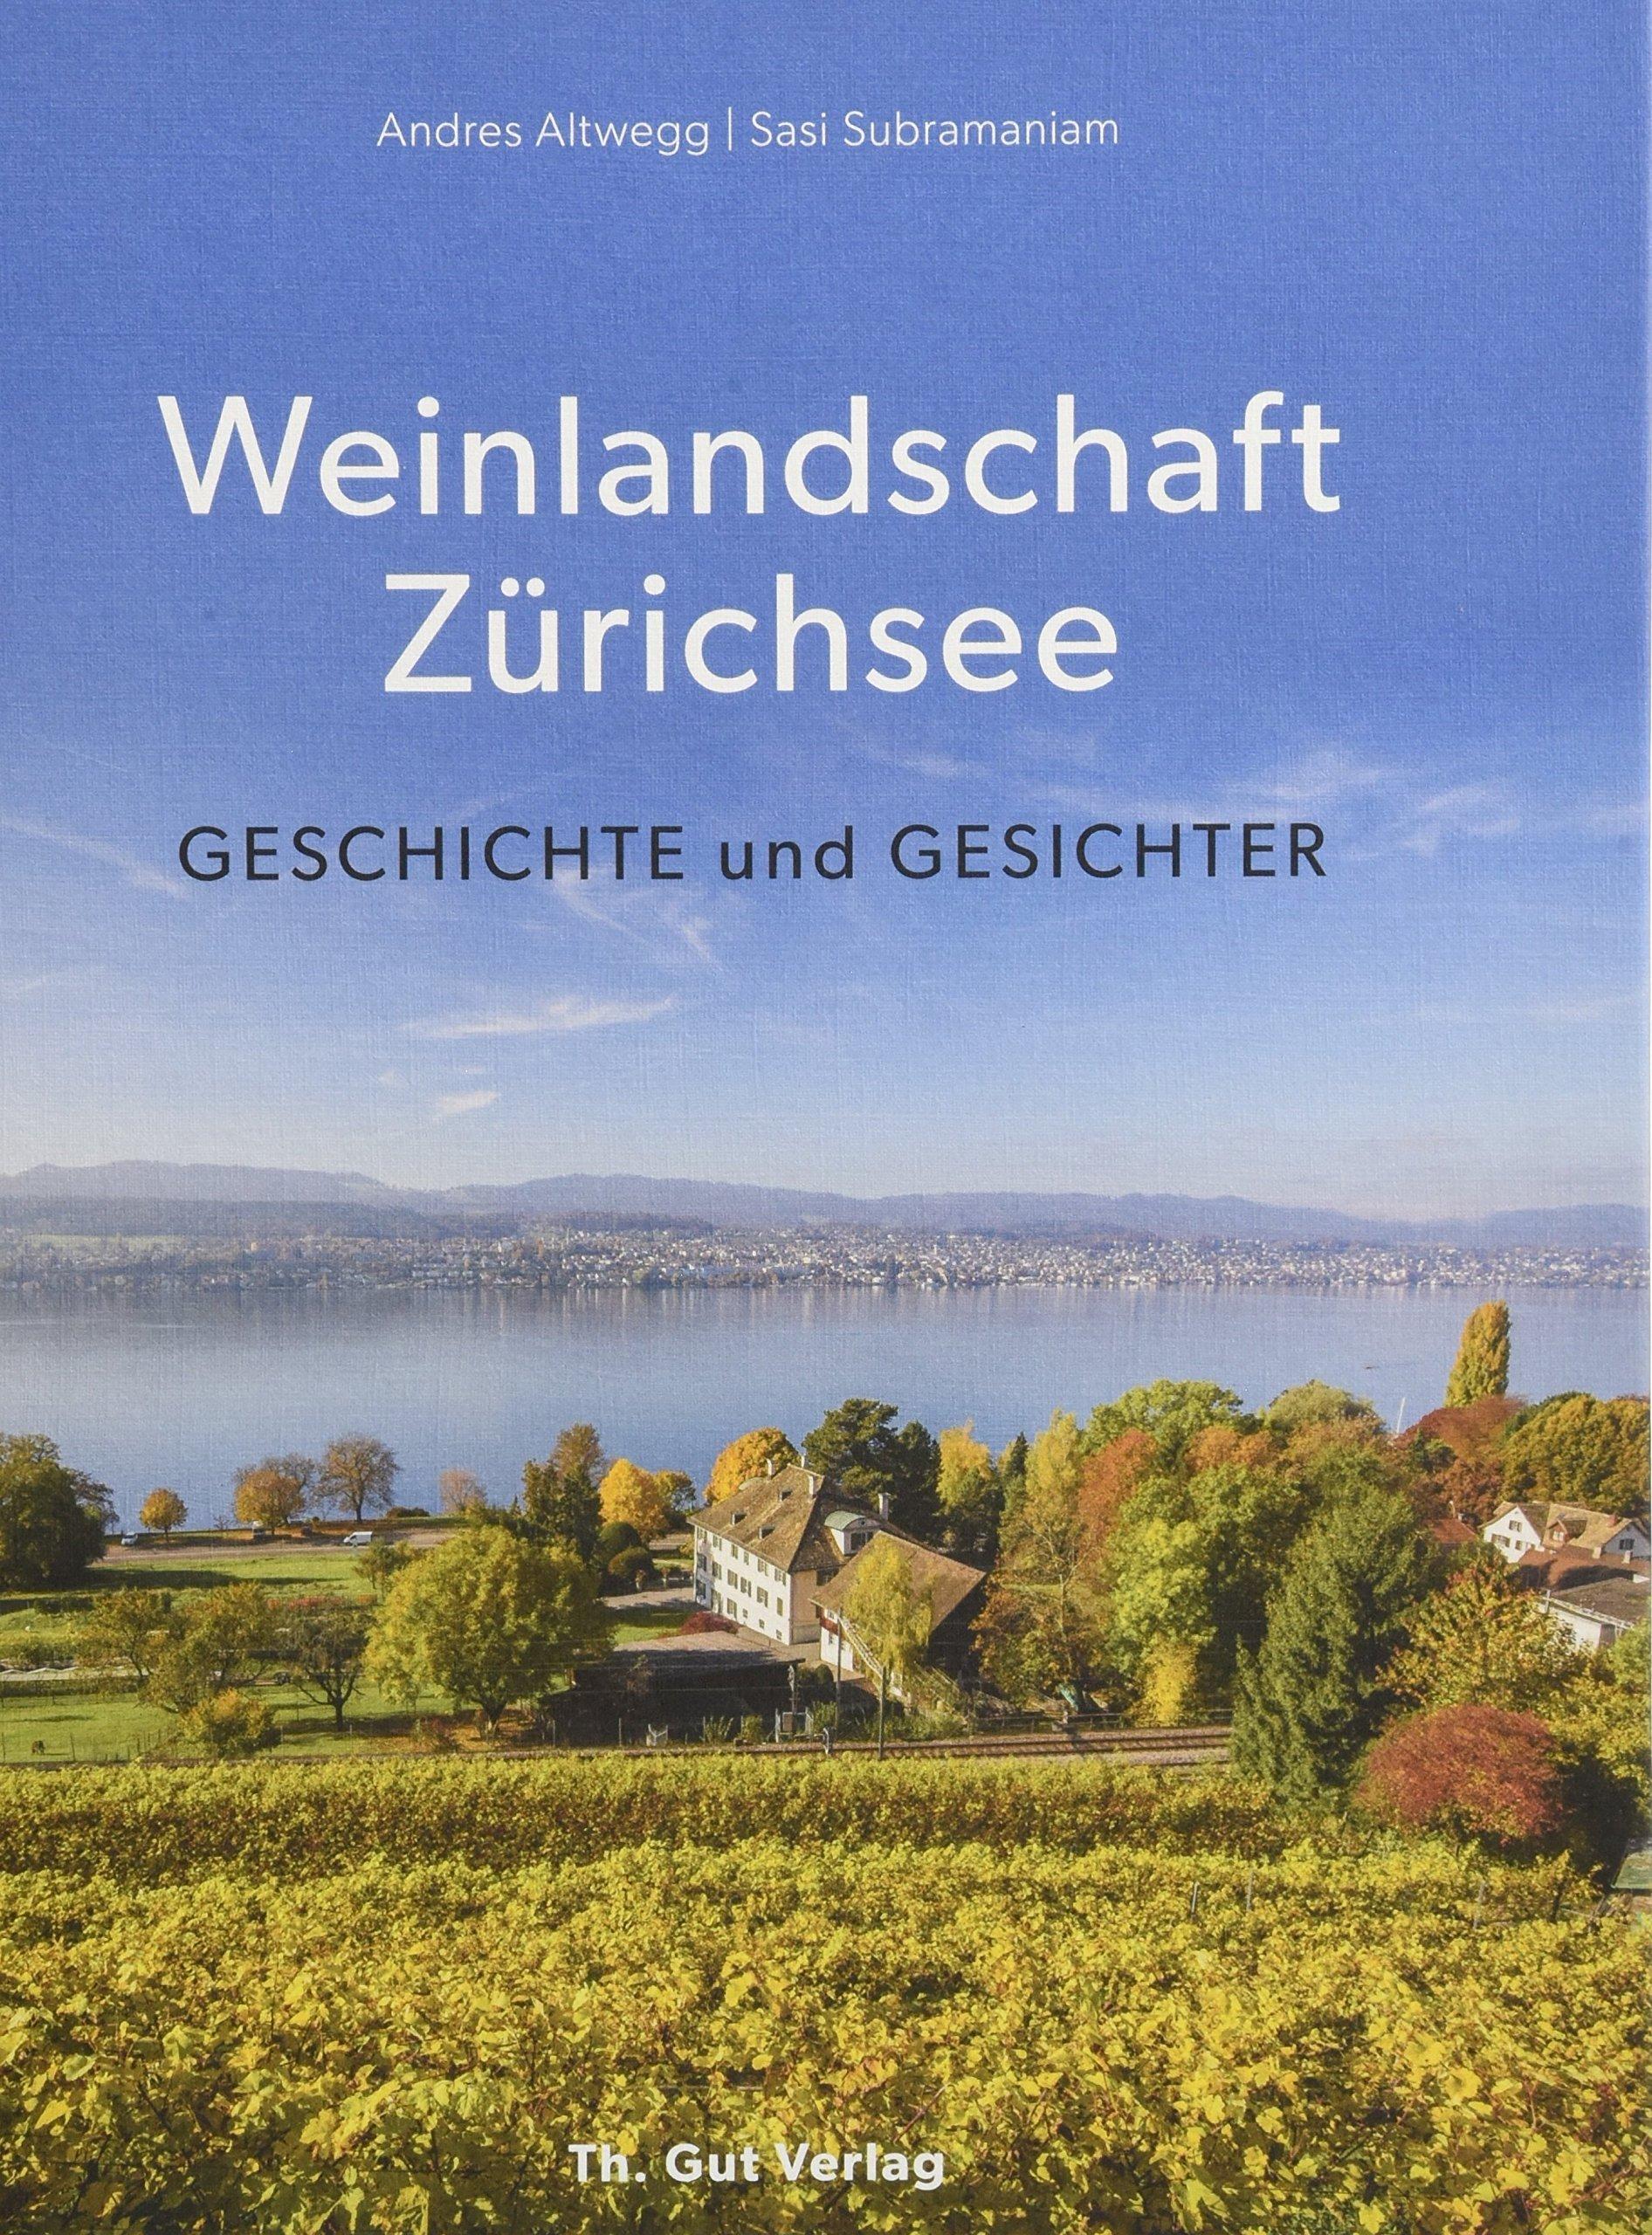 Weinlandschaft Zürichsee: Geschichte und Gesichter